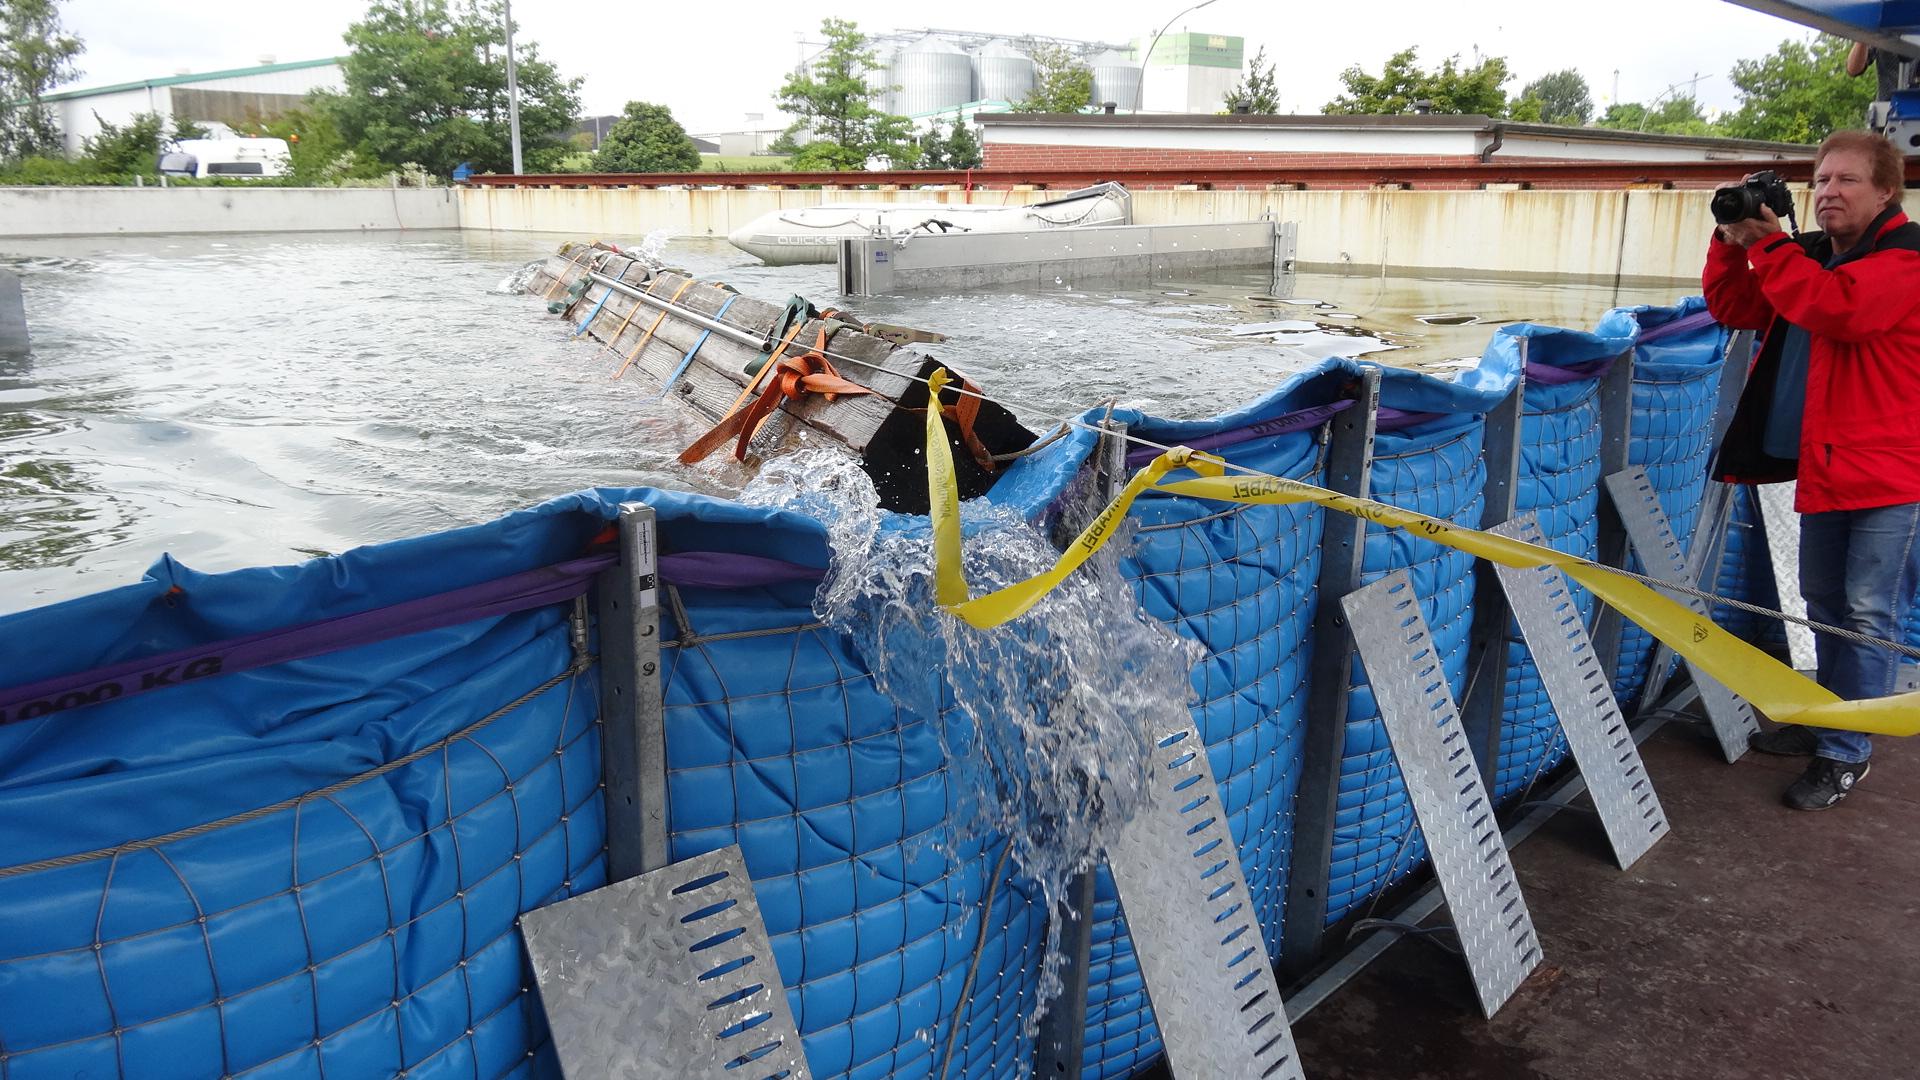 Der Treibguttest des mobilen Hochwasserschutzsystems AquaWand in der Testanlage der TUHH